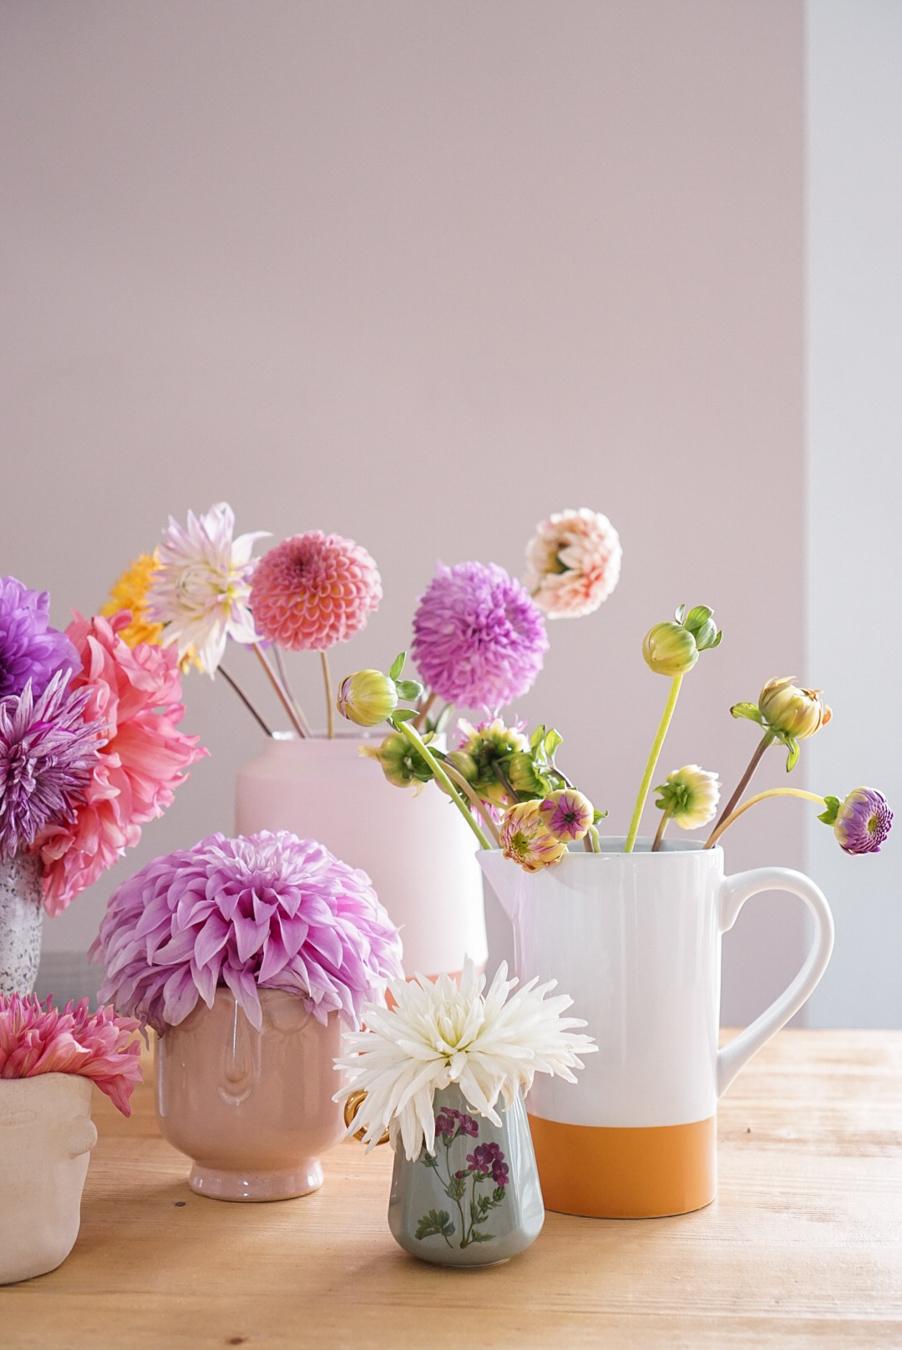 interieurinspiratie woontrends bloemen